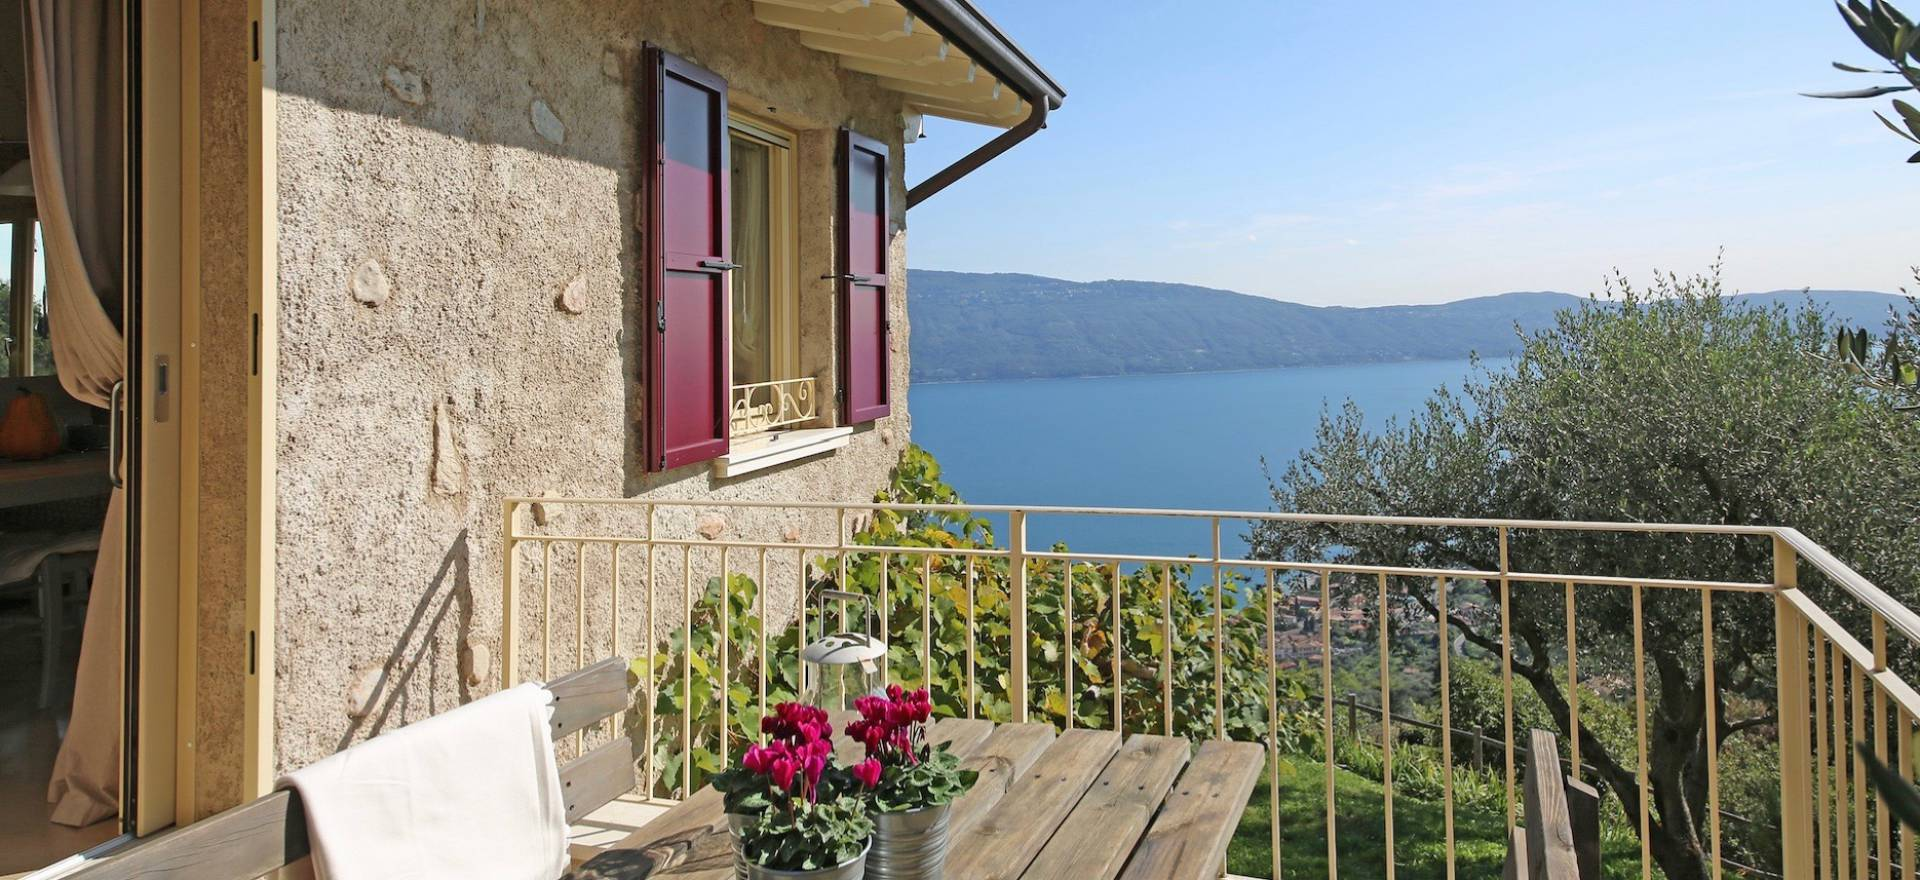 Sfeervol landhuis met zwembad en uitzicht op het Gardameer